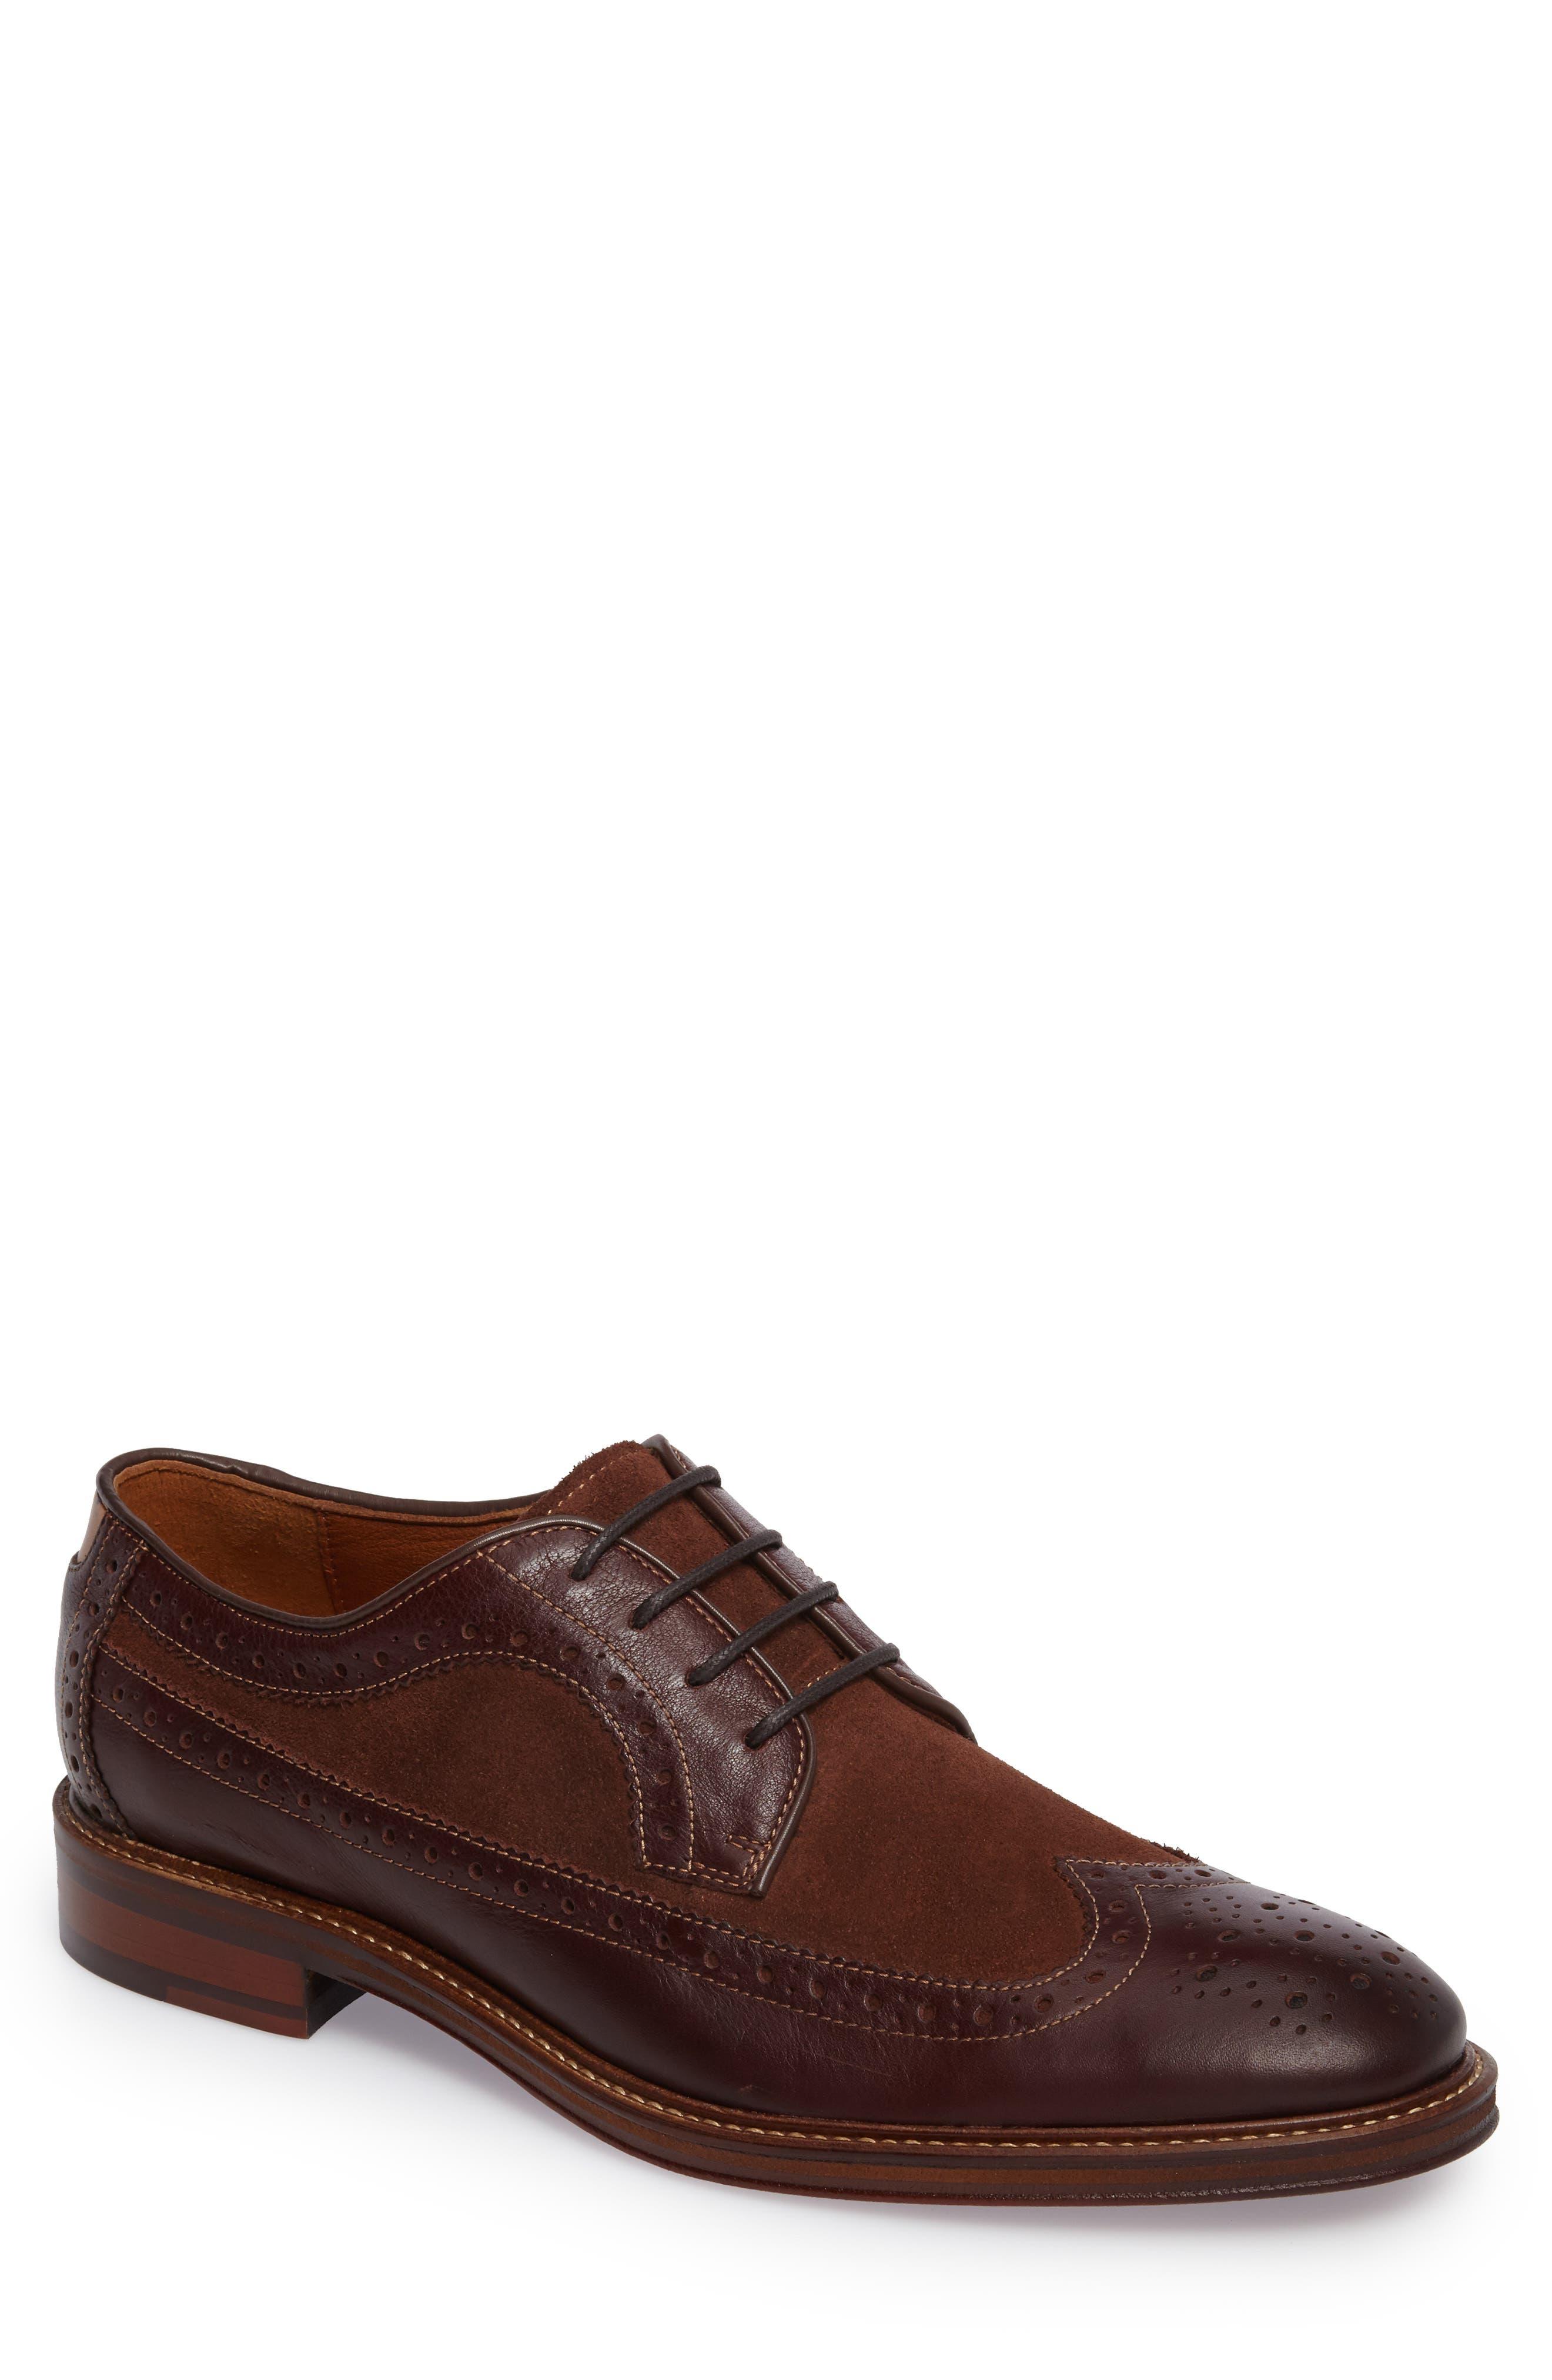 Main Image - Johnston & Murphy Warner Spectator Shoe (Men)